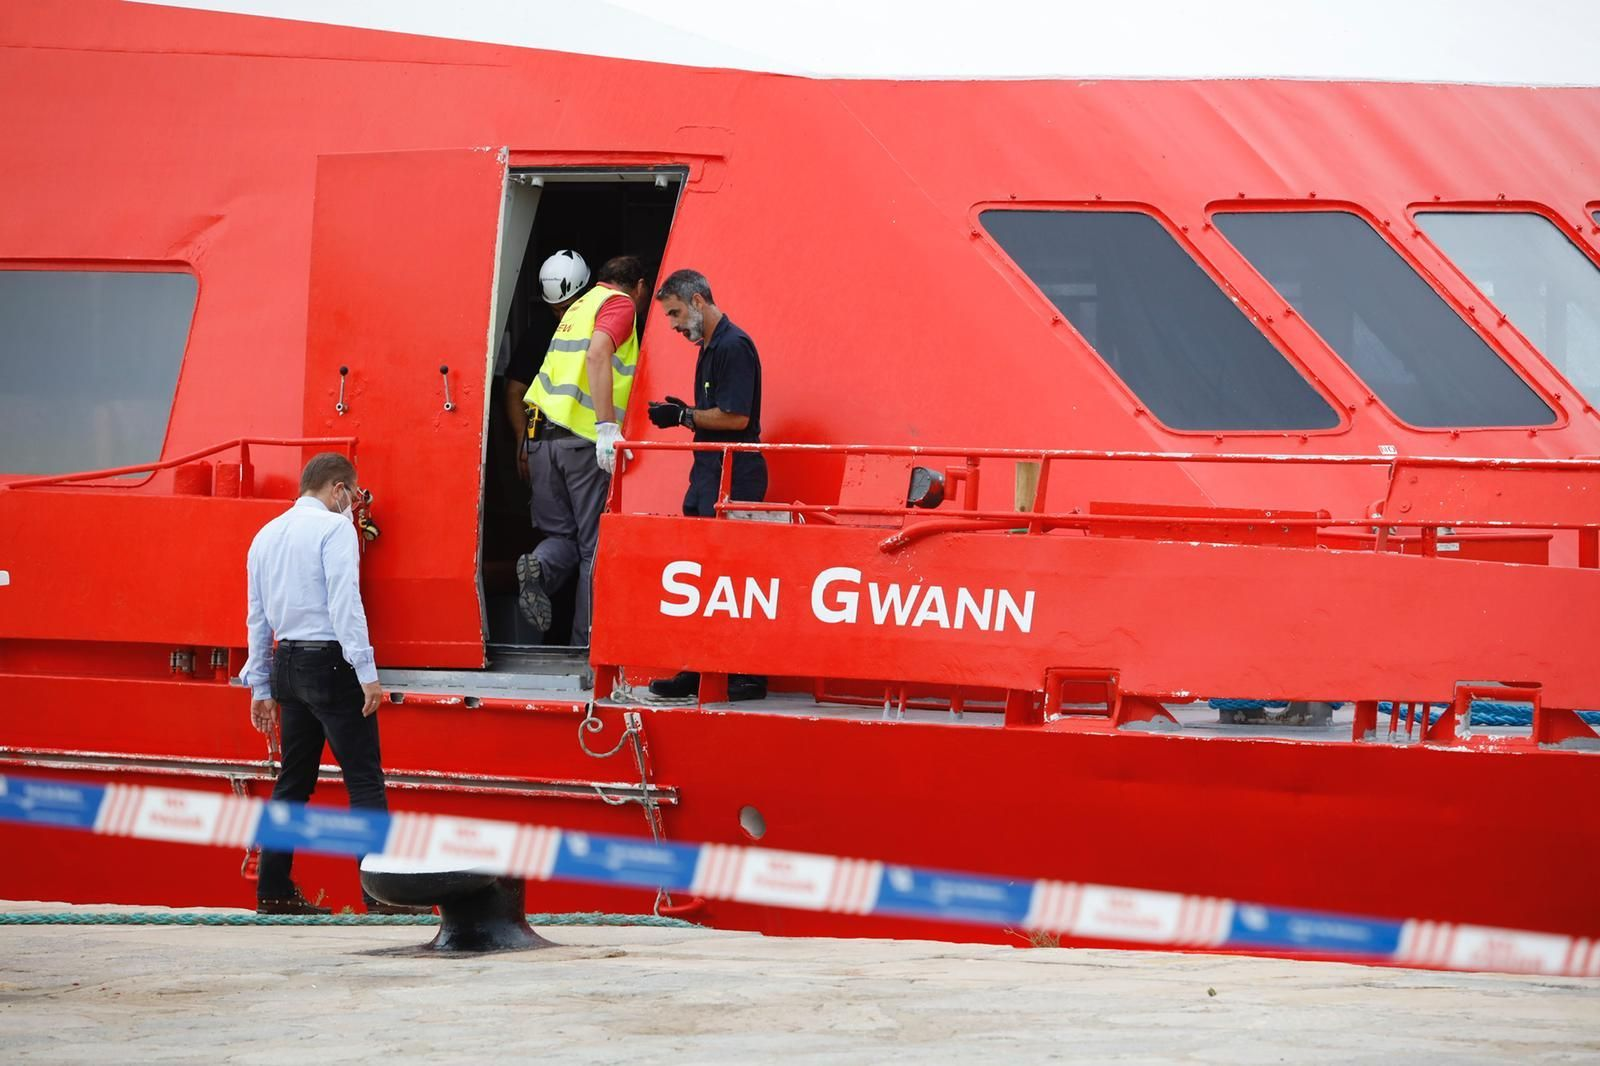 El barco accidentado 'San Gwann' llega al puerto de Ibiza